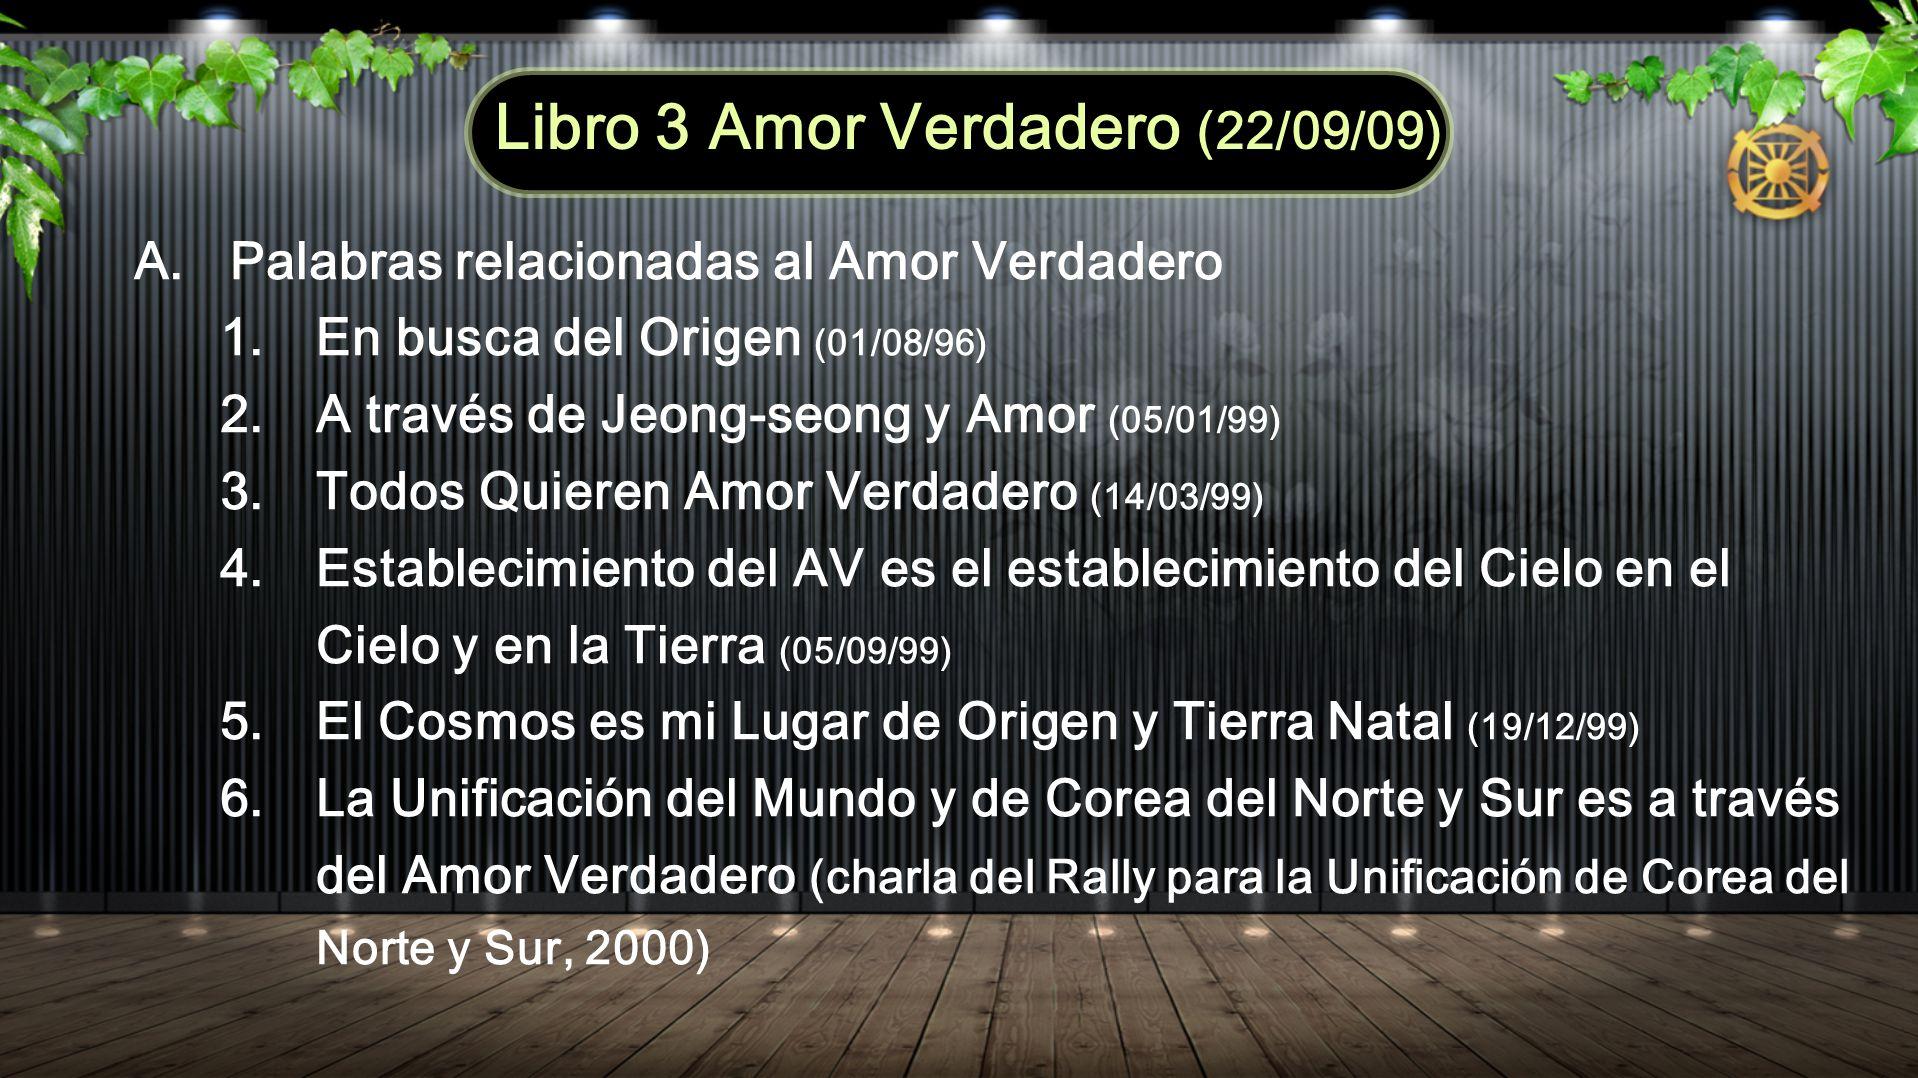 Libro 3 Amor Verdadero (22/09/09)